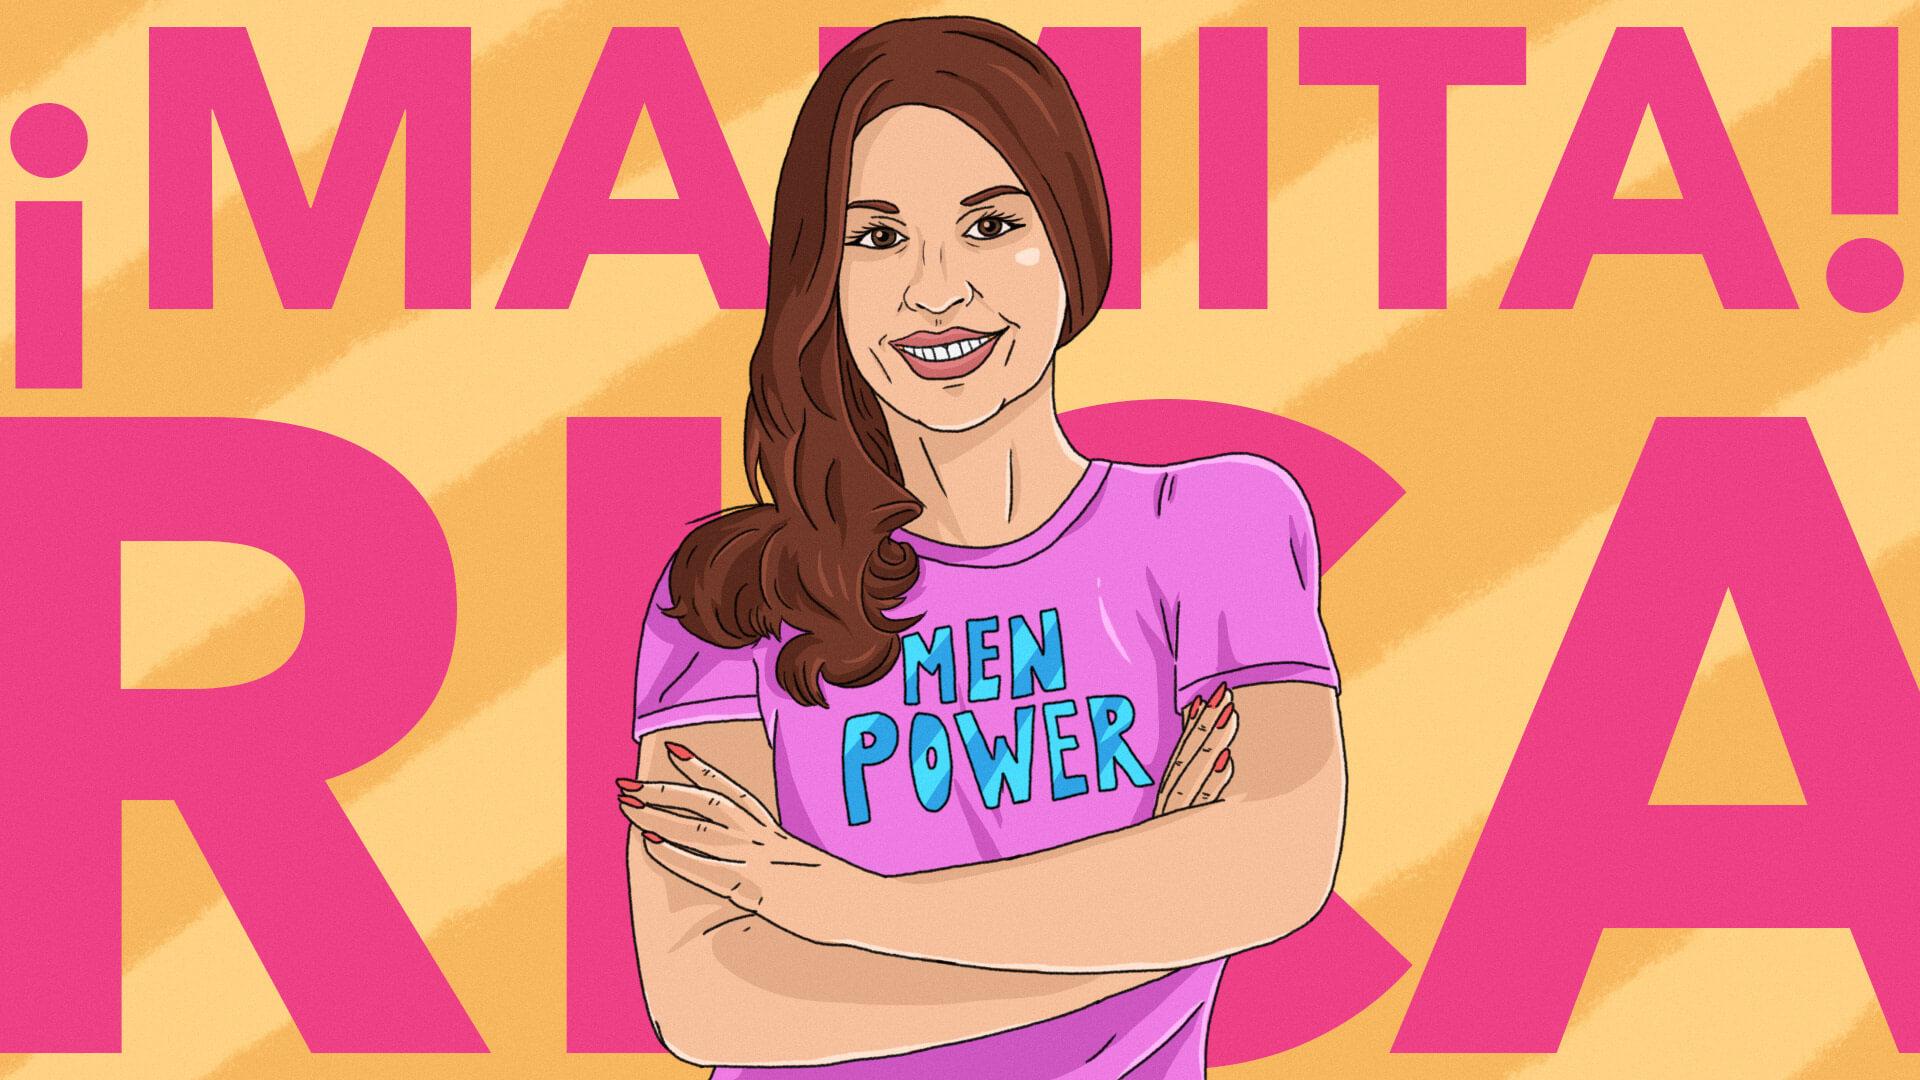 Por favor, no volvamos a poner a Amparo Grisales a hablar de feminismo